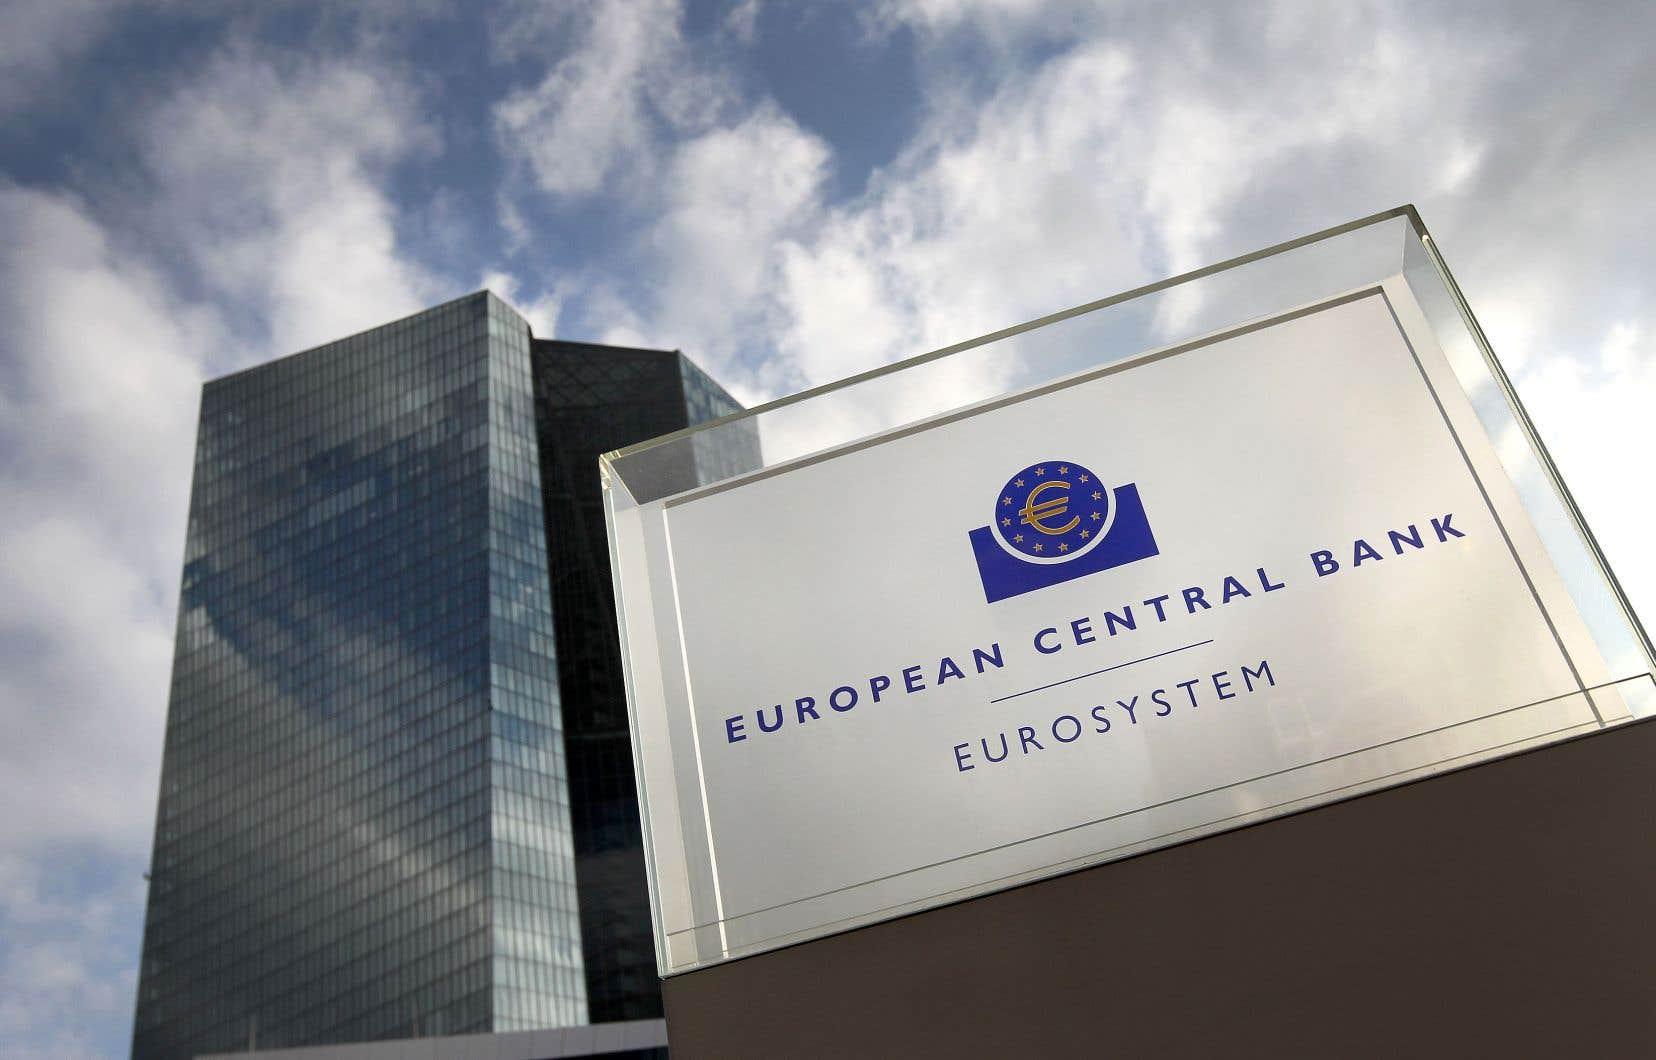 Dans sa dernière réunion avant les congés d'été, le 25juillet dernier, la BCE avait brossé un sombre tableau des perspectives en zone euro. Elle avait déjà ouvert la voie à une série de mesures pour la rentrée.